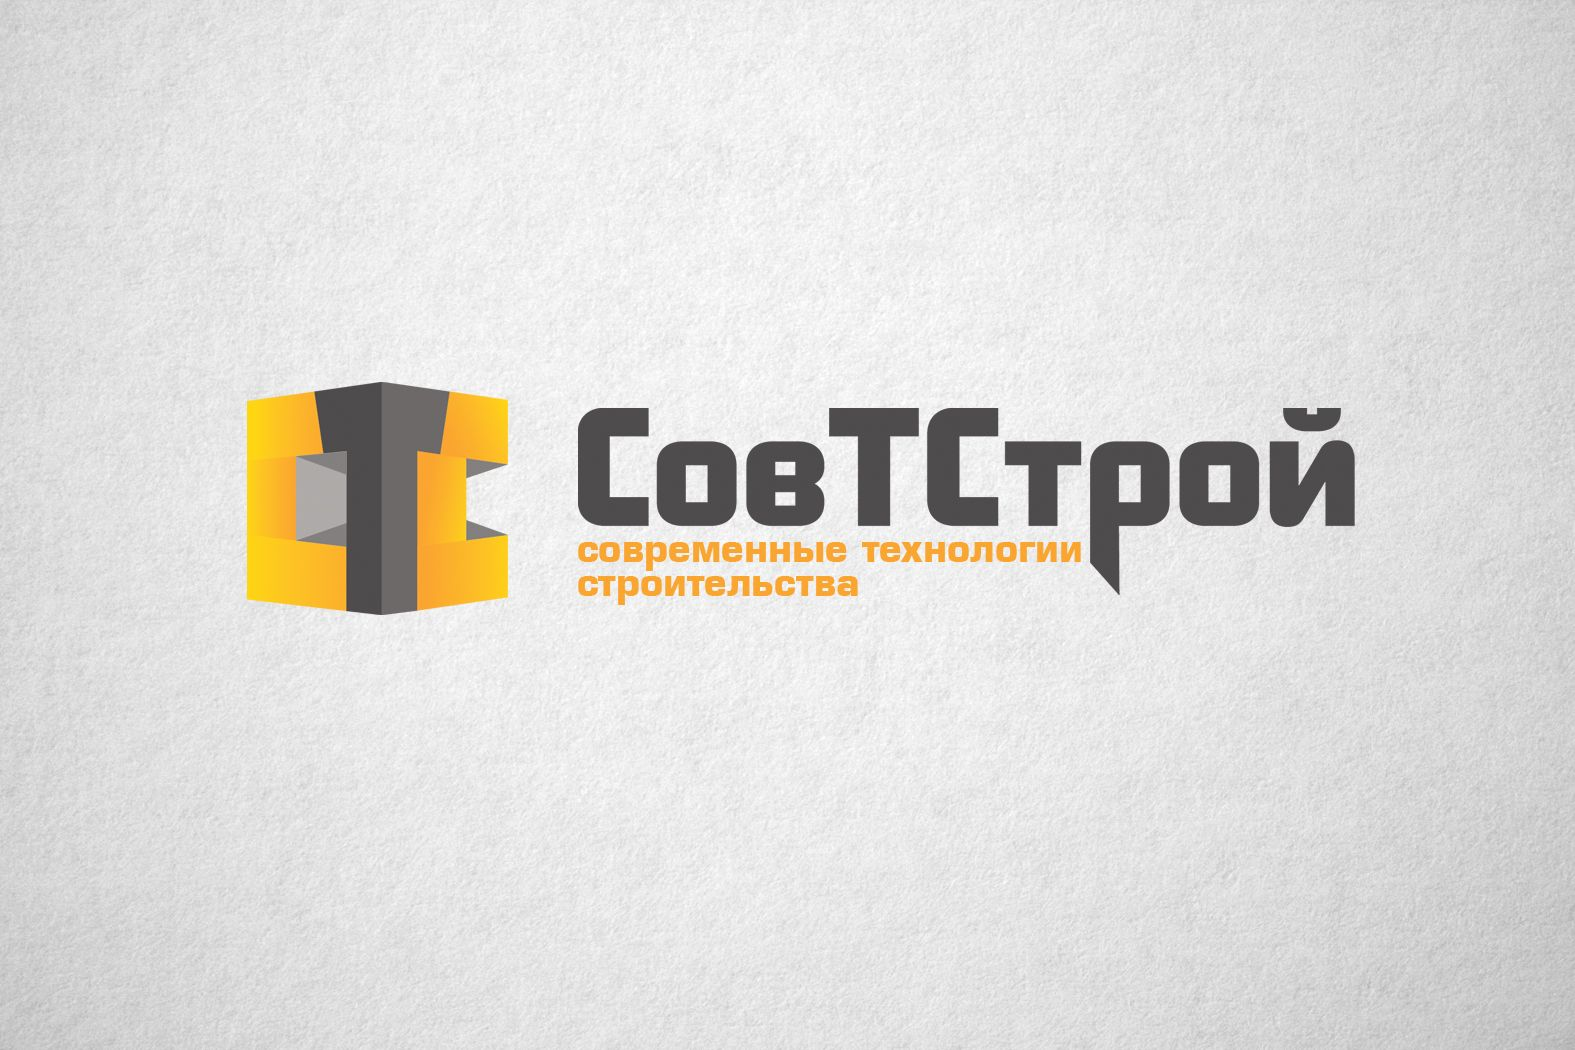 Логотип для поставщика строительных материалов - дизайнер funkielevis